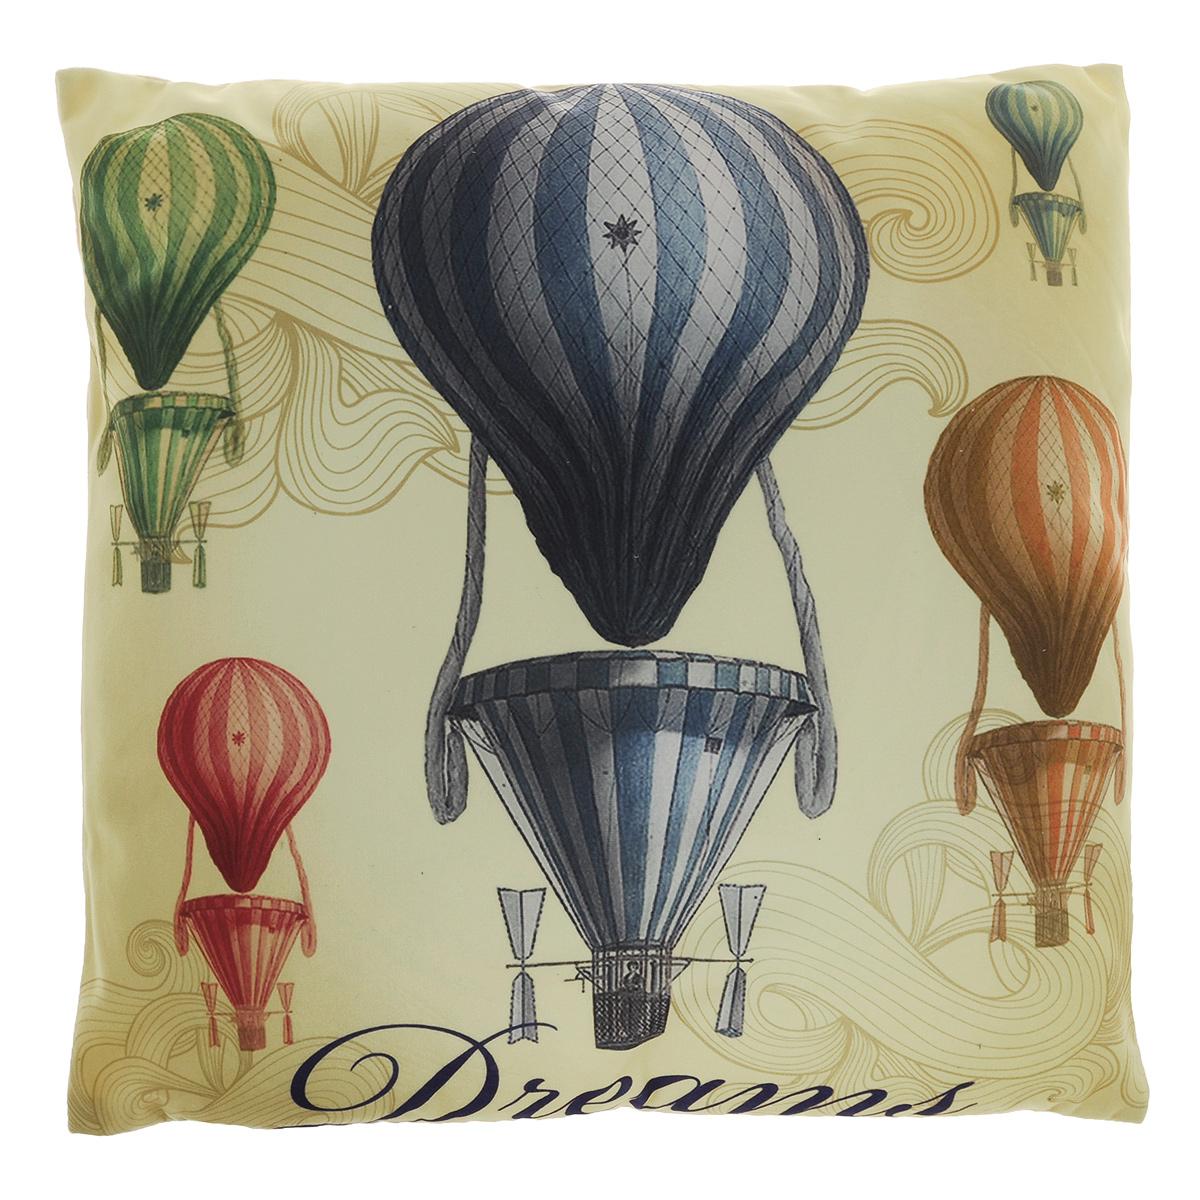 Подушка декоративная Феникс-презент Воздушные шары, 45 х 45 см37389Декоративная подушка Феникс-презент Воздушные шары прекрасно дополнит интерьер спальни или гостиной. Чехол подушки выполнен из полиэстера. Лицевая сторона украшена фотопечатью с изображением воздушных шаров. Оборотная сторона - бежевого цвета. Внутри - мягкий наполнитель из синтетического хлопка. Чехол легко снимается благодаря потайной молнии.Красивая подушка создаст атмосферу уюта в доме и станет прекрасным элементом декора.